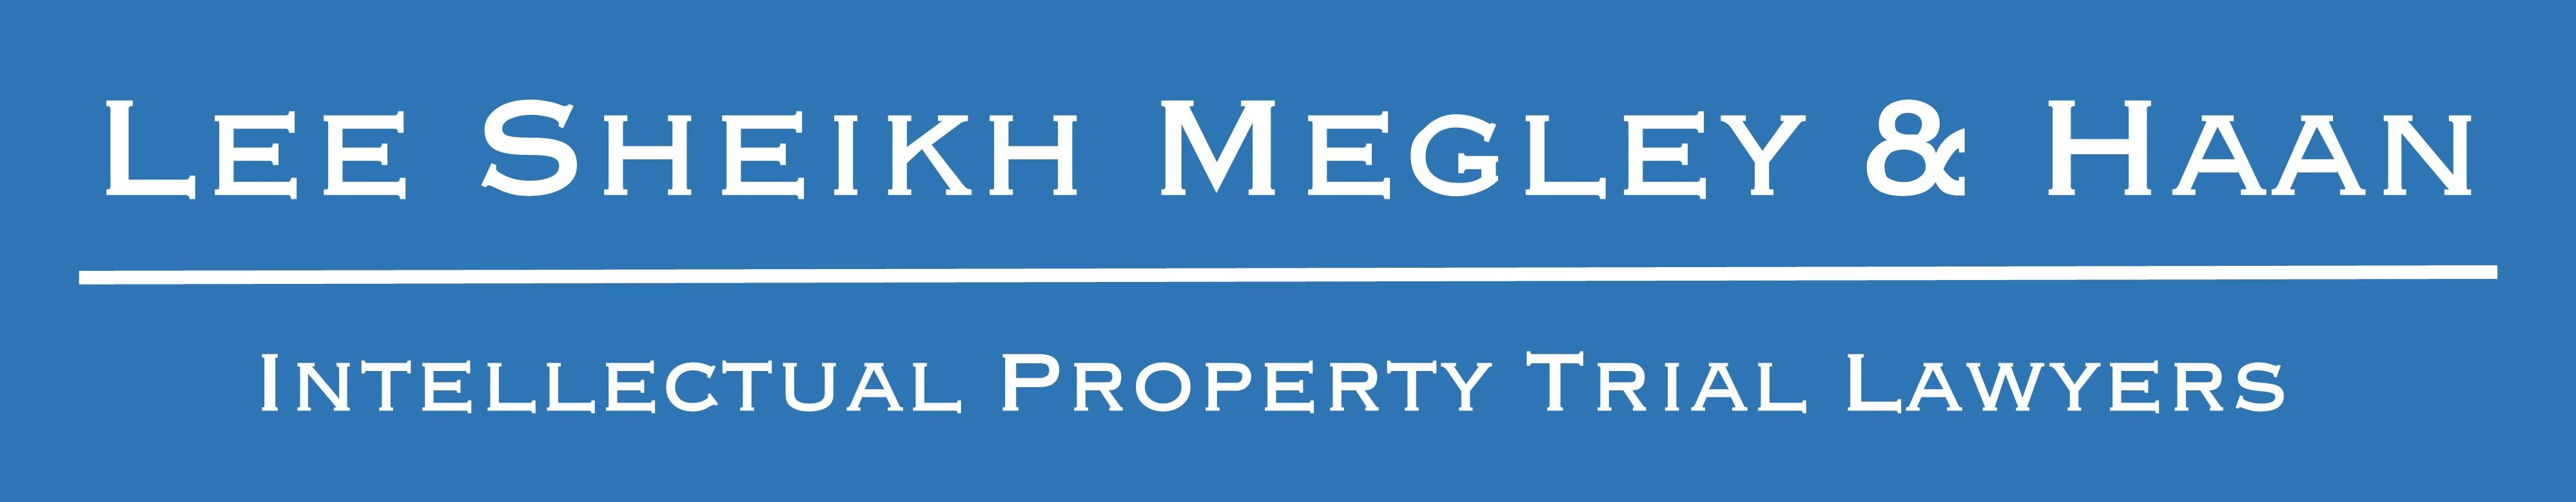 Logo:  Lee Sheikh Megley & Haan